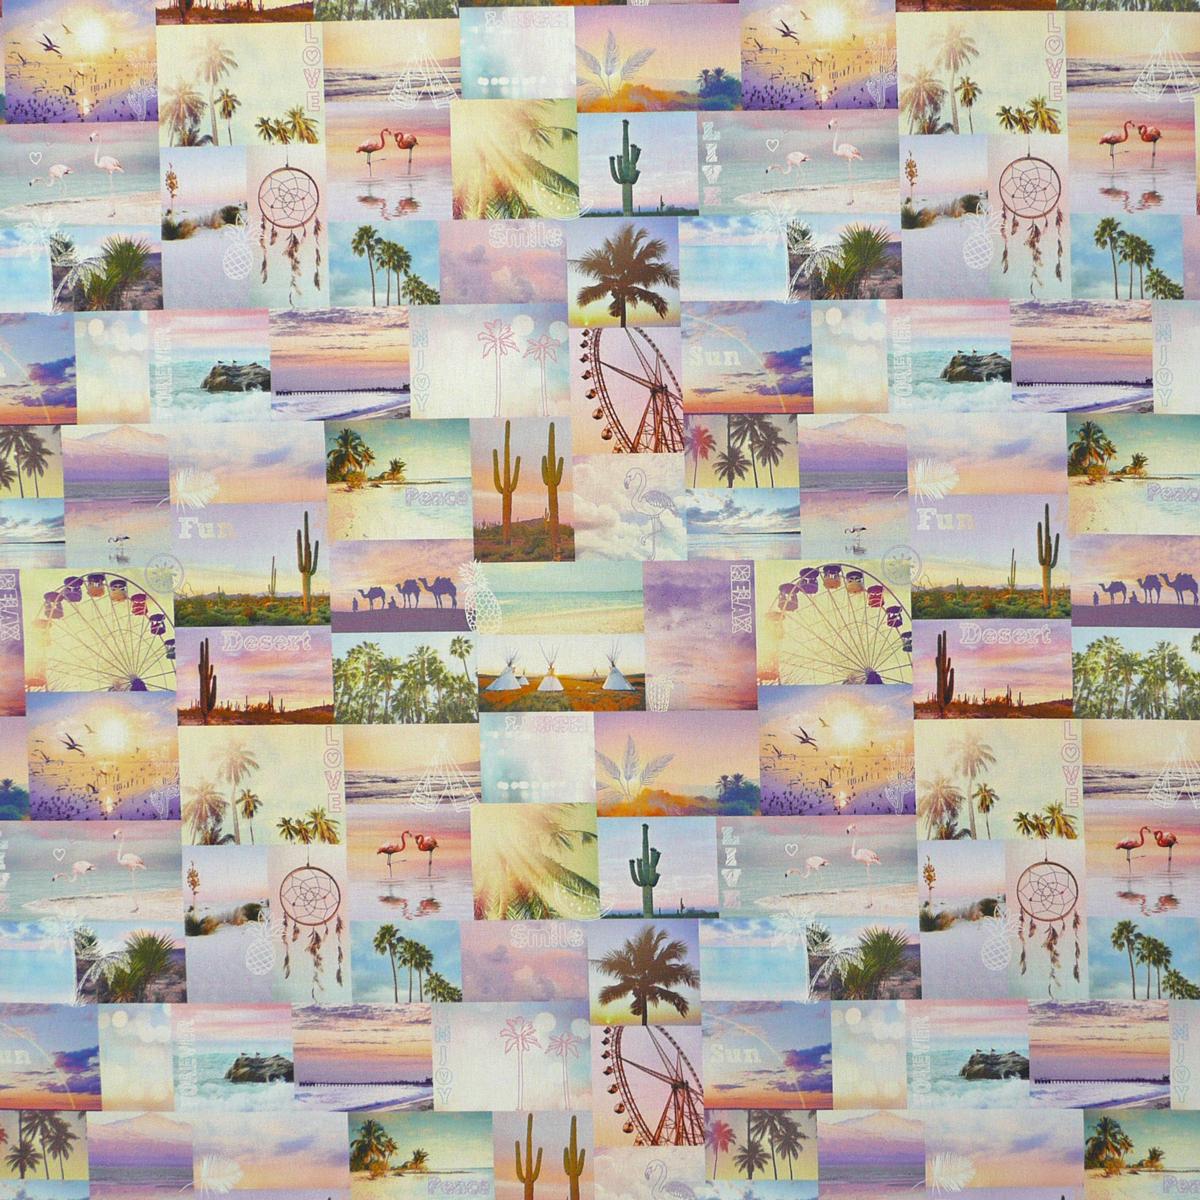 Dekostoff Halbpanama Digitaldruck Festival Patchwork Flamingo Kaktus 1,40m breit